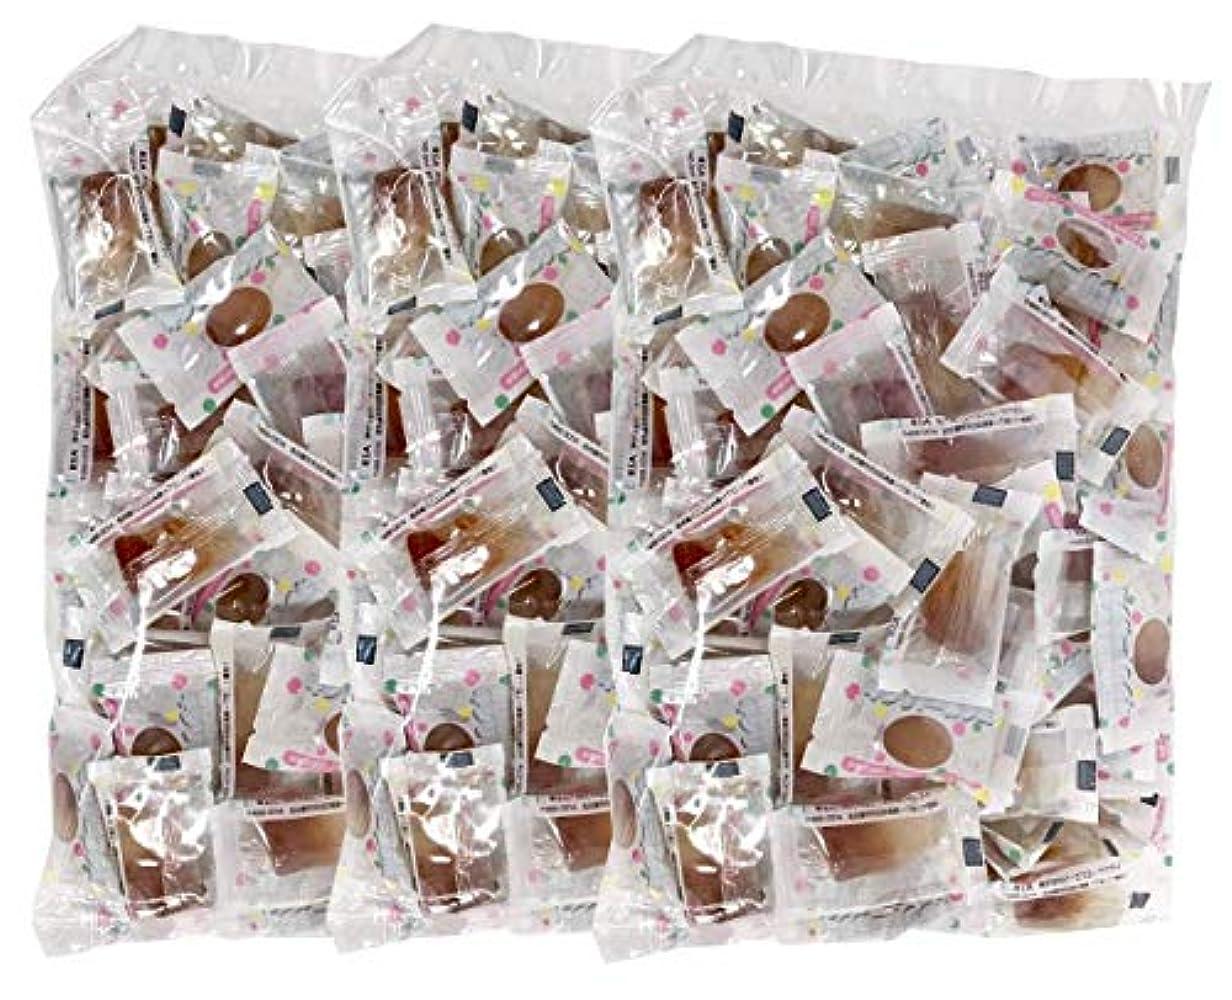 高層ビルベジタリアン重荷キシリトール100%グミ キシリコーラXYLICOLA 大袋 1袋(100粒入) × 3袋